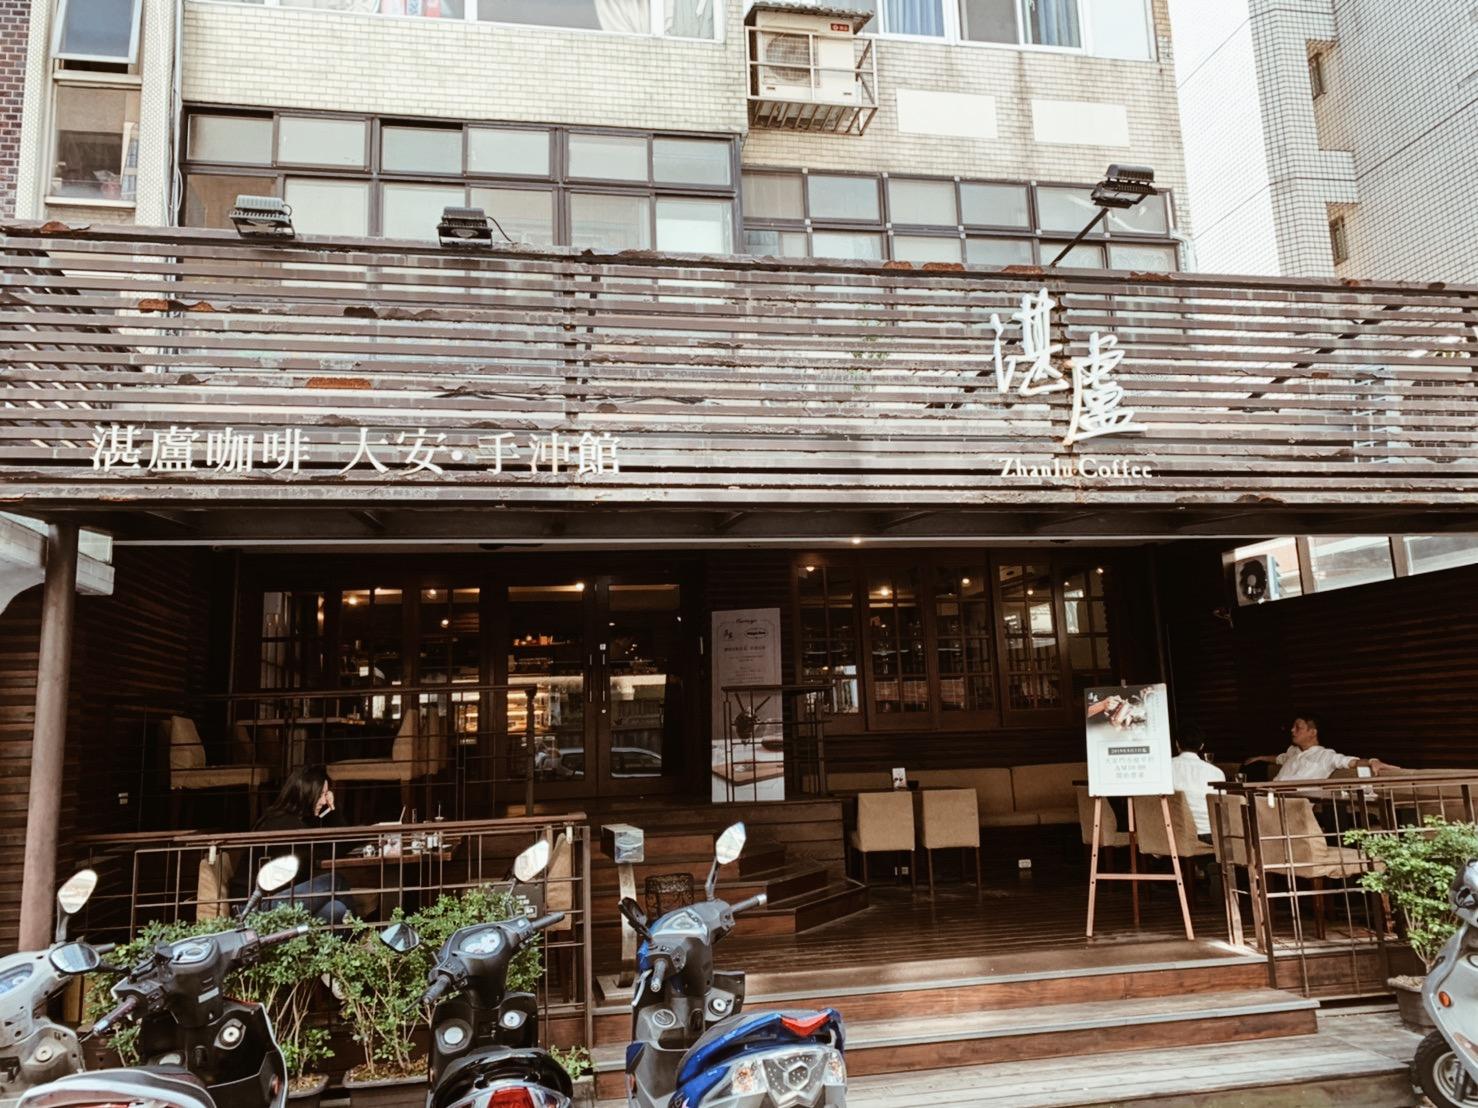 《台北のカフェ》いま一番ホットなエリア「MRT東門駅」特集! 読書の秋におすすめのカフェ2選【 #TOKYOPANDA のおすすめ台湾情報 】_5